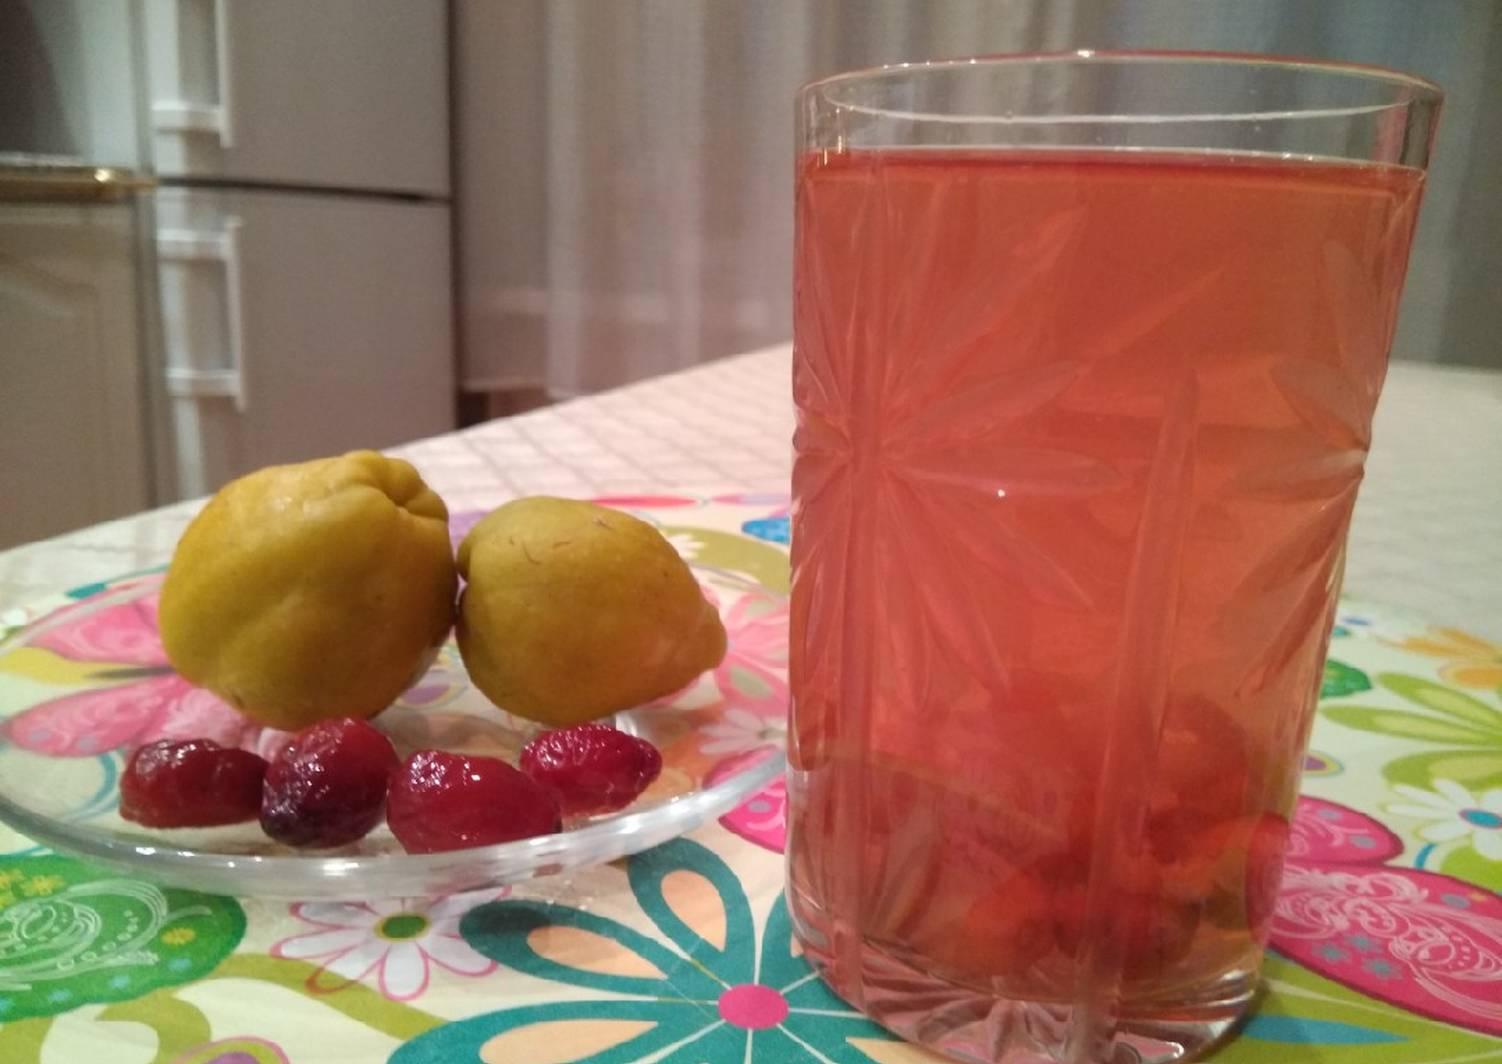 Компот из яблок и кизила на зиму - 11 пошаговых фото в рецепте